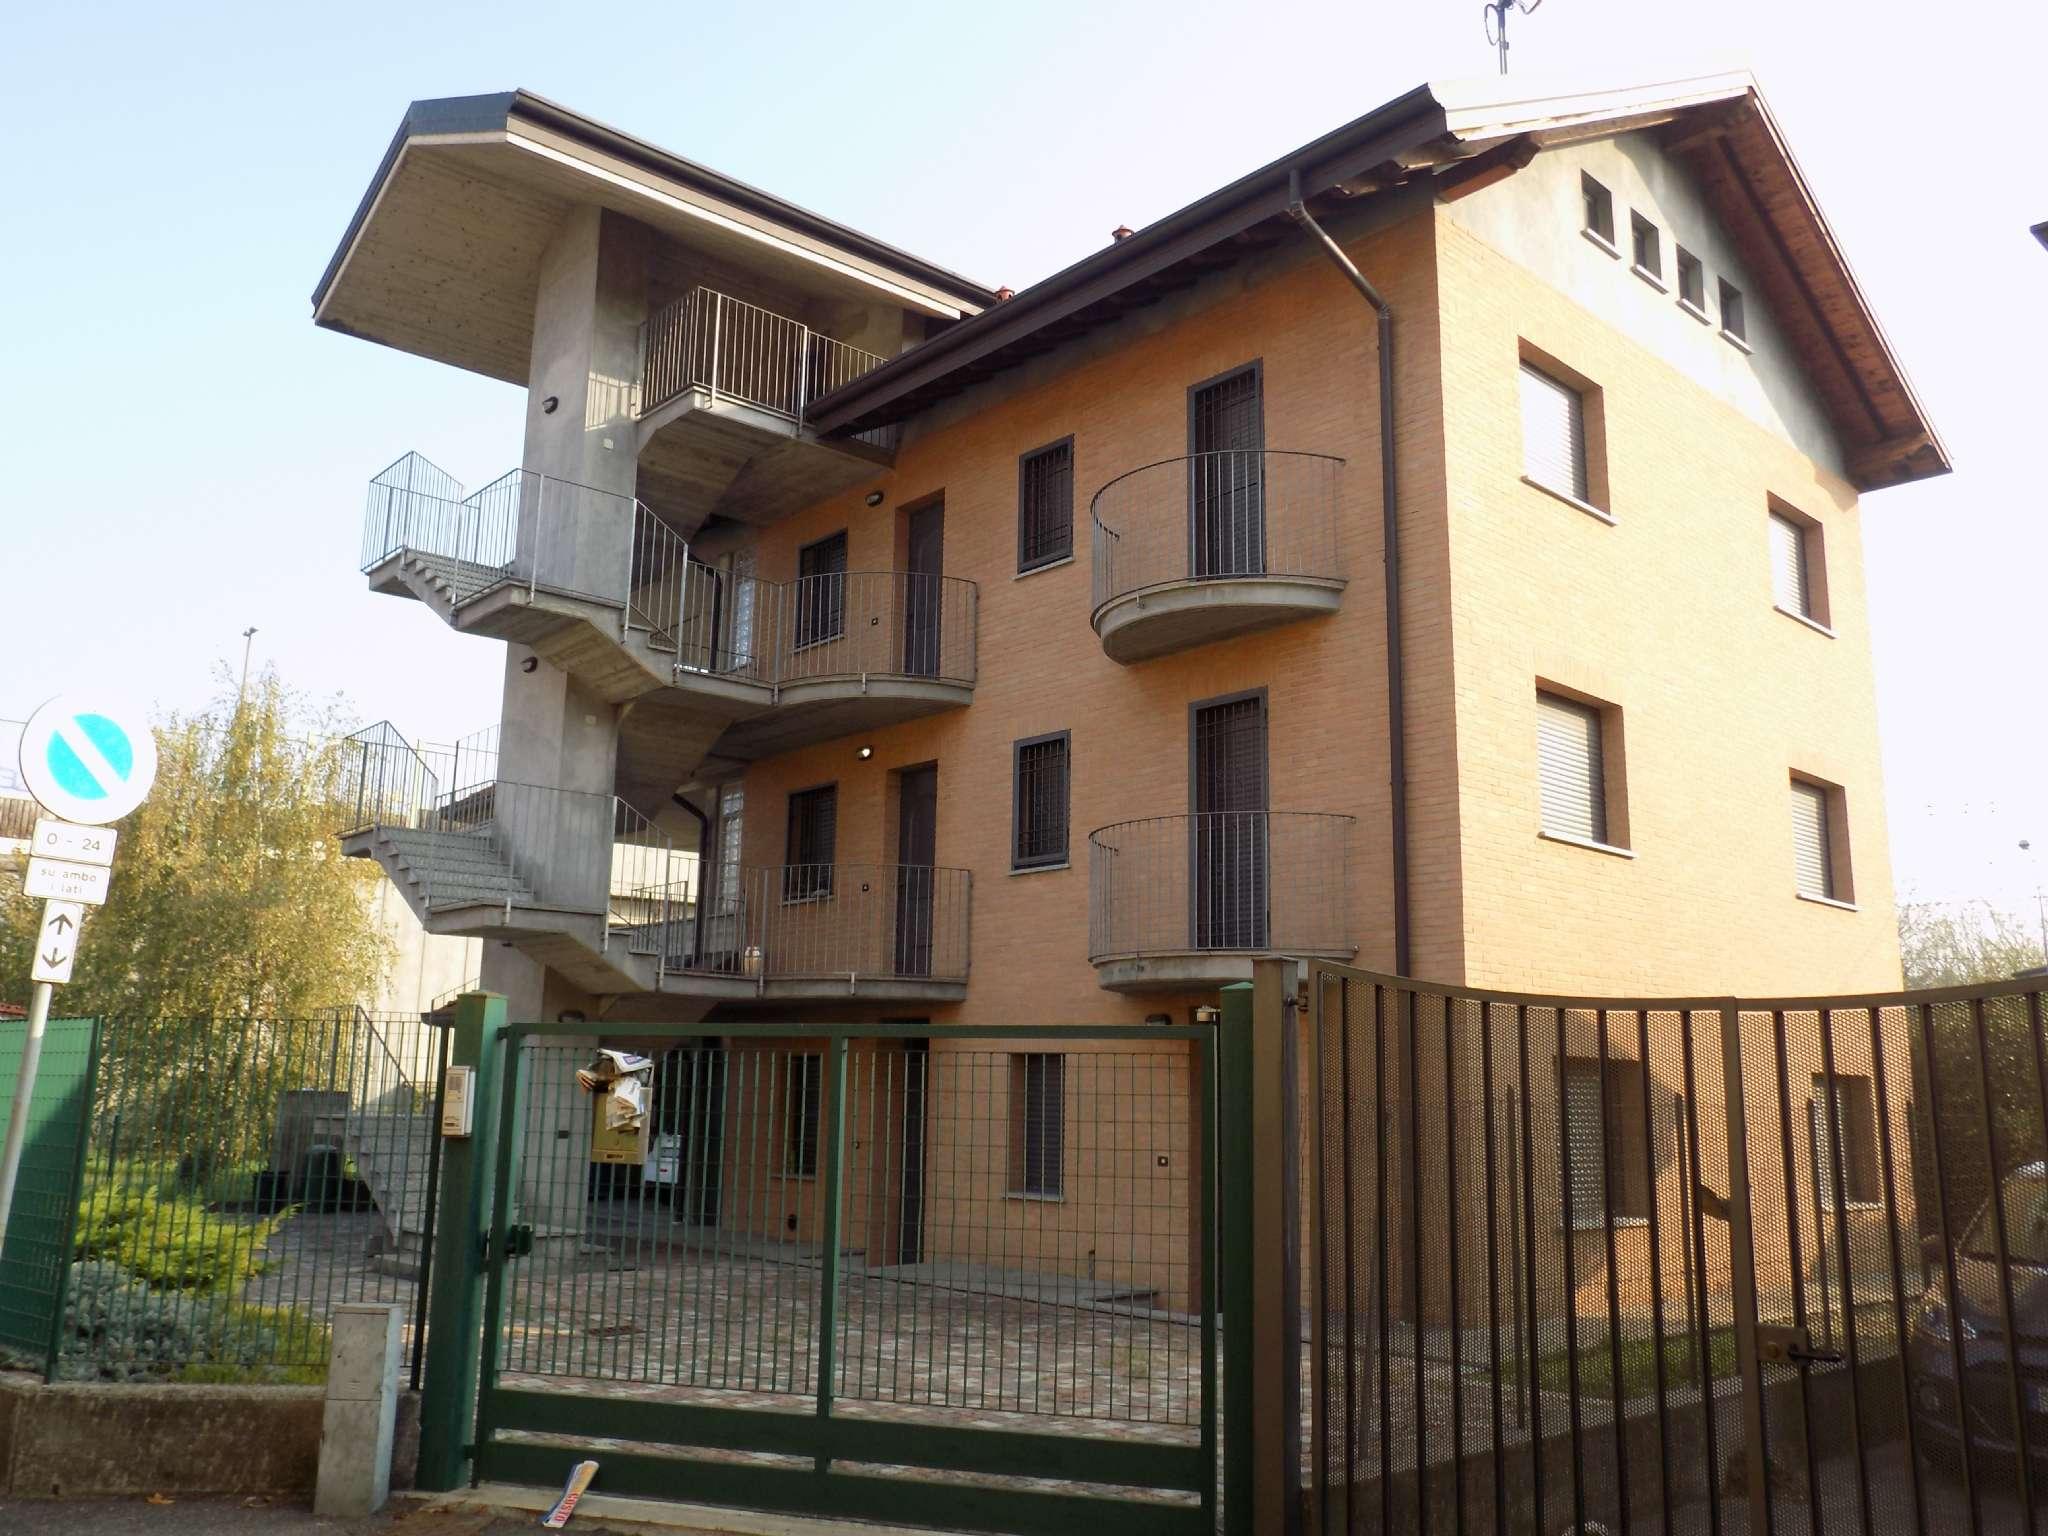 Villa Tri-Quadrifamiliare in Vendita a Paderno Dugnano